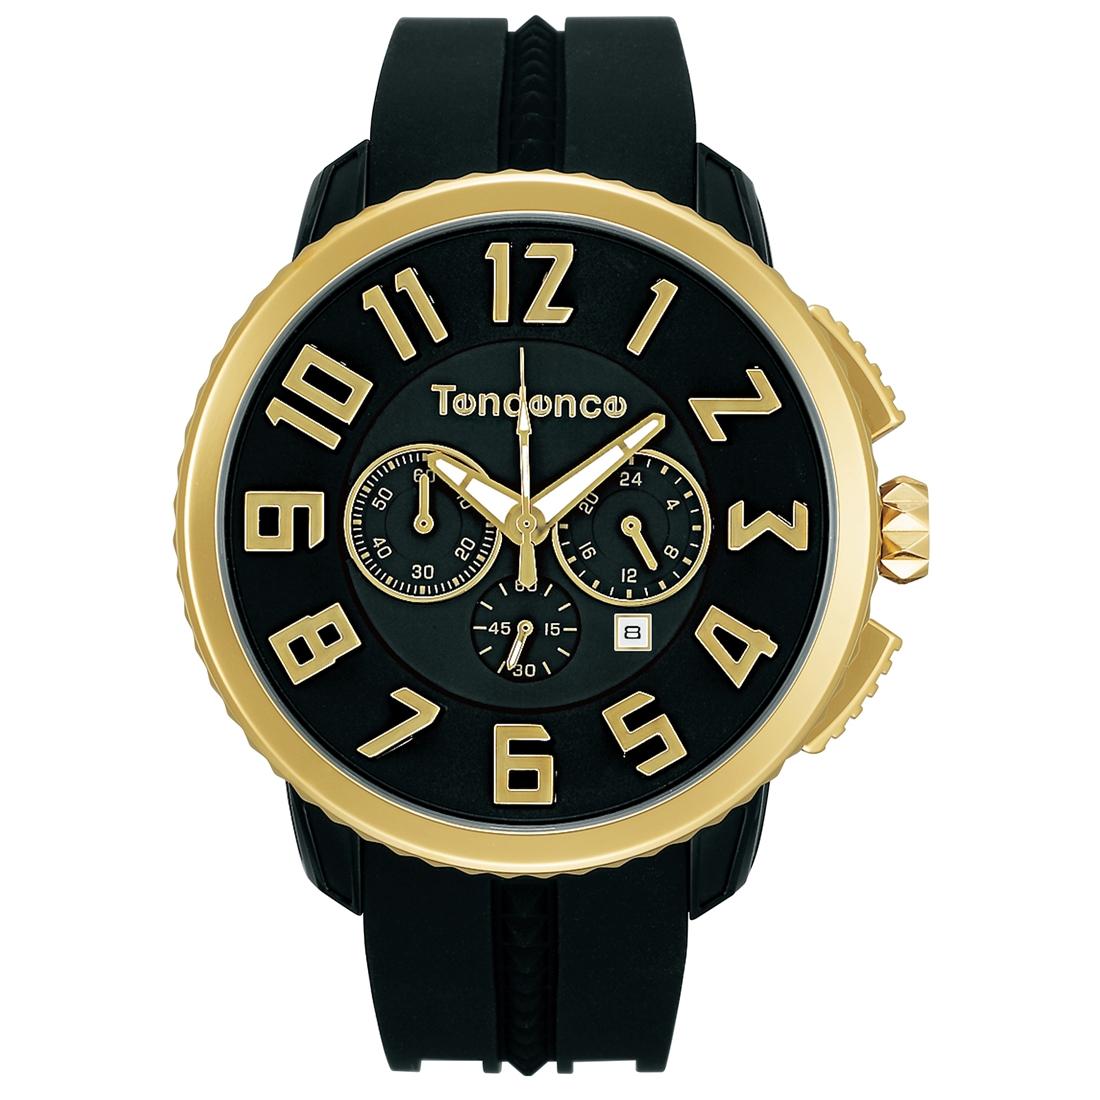 【今ならオーバーサイズノートプレゼント】 テンデンス Tendence TY460011 ガリバー 47 クロノグラフ 正規品 腕時計